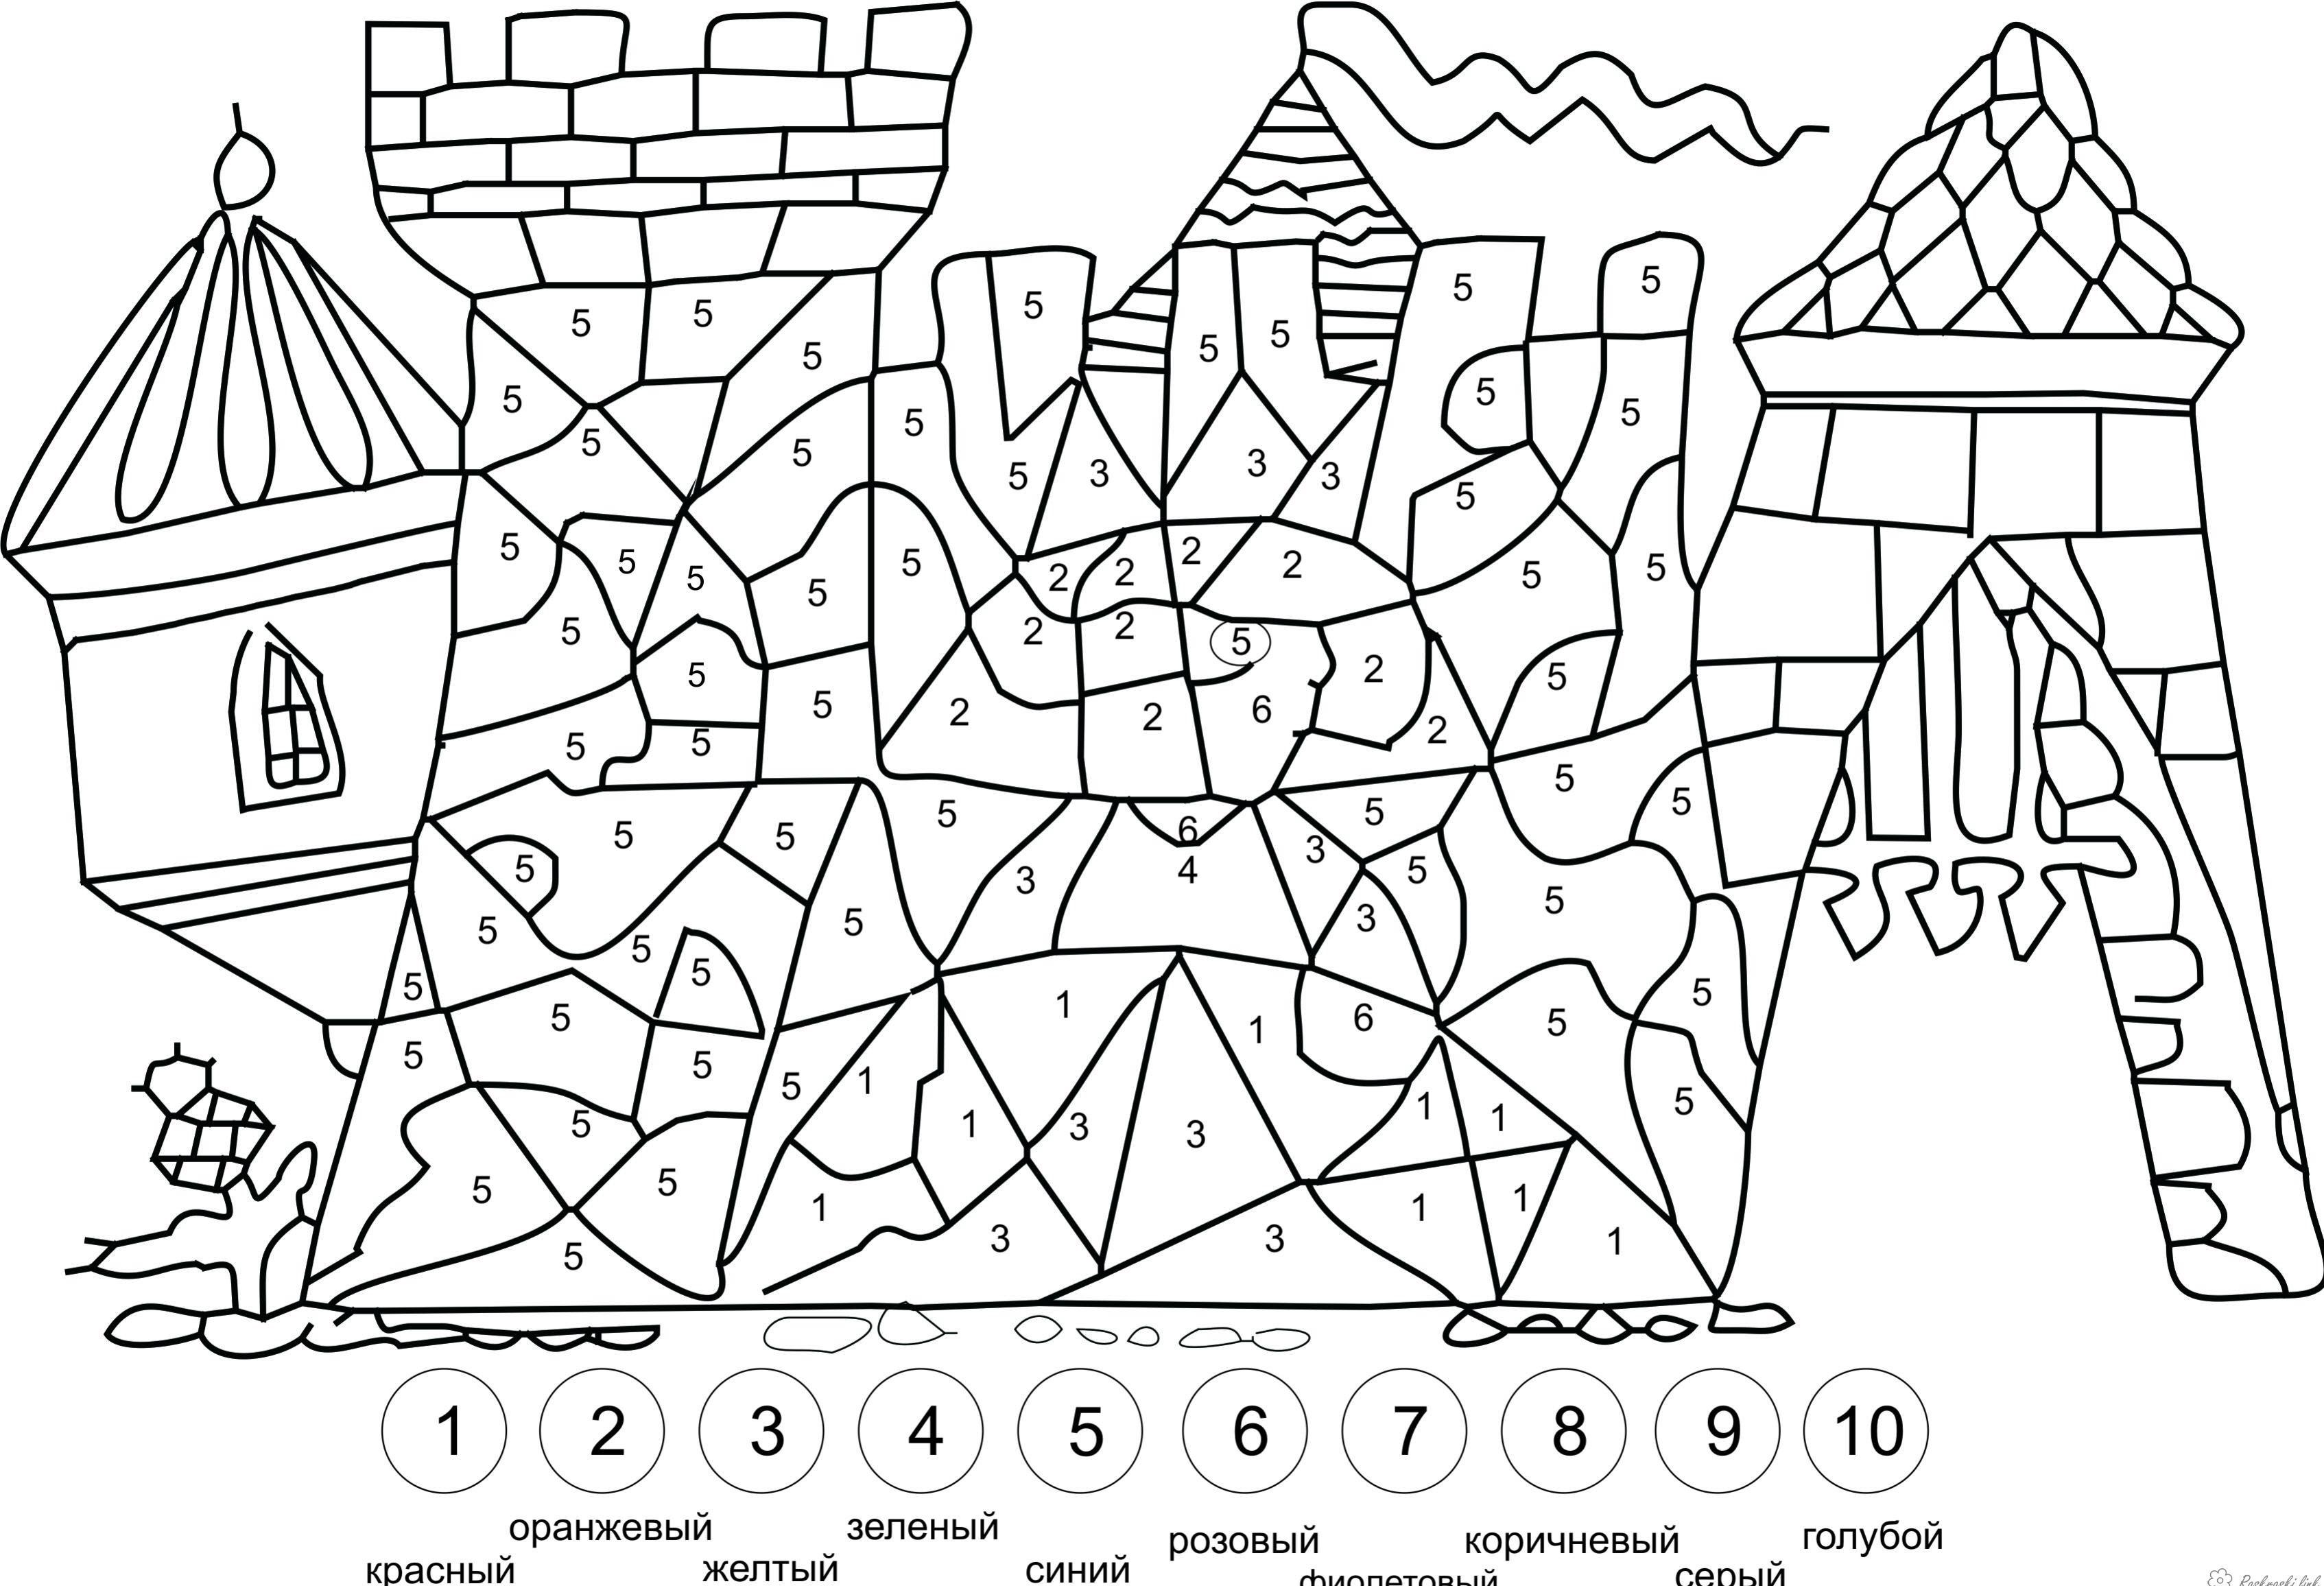 раскраска по номерам для детей 7 лет